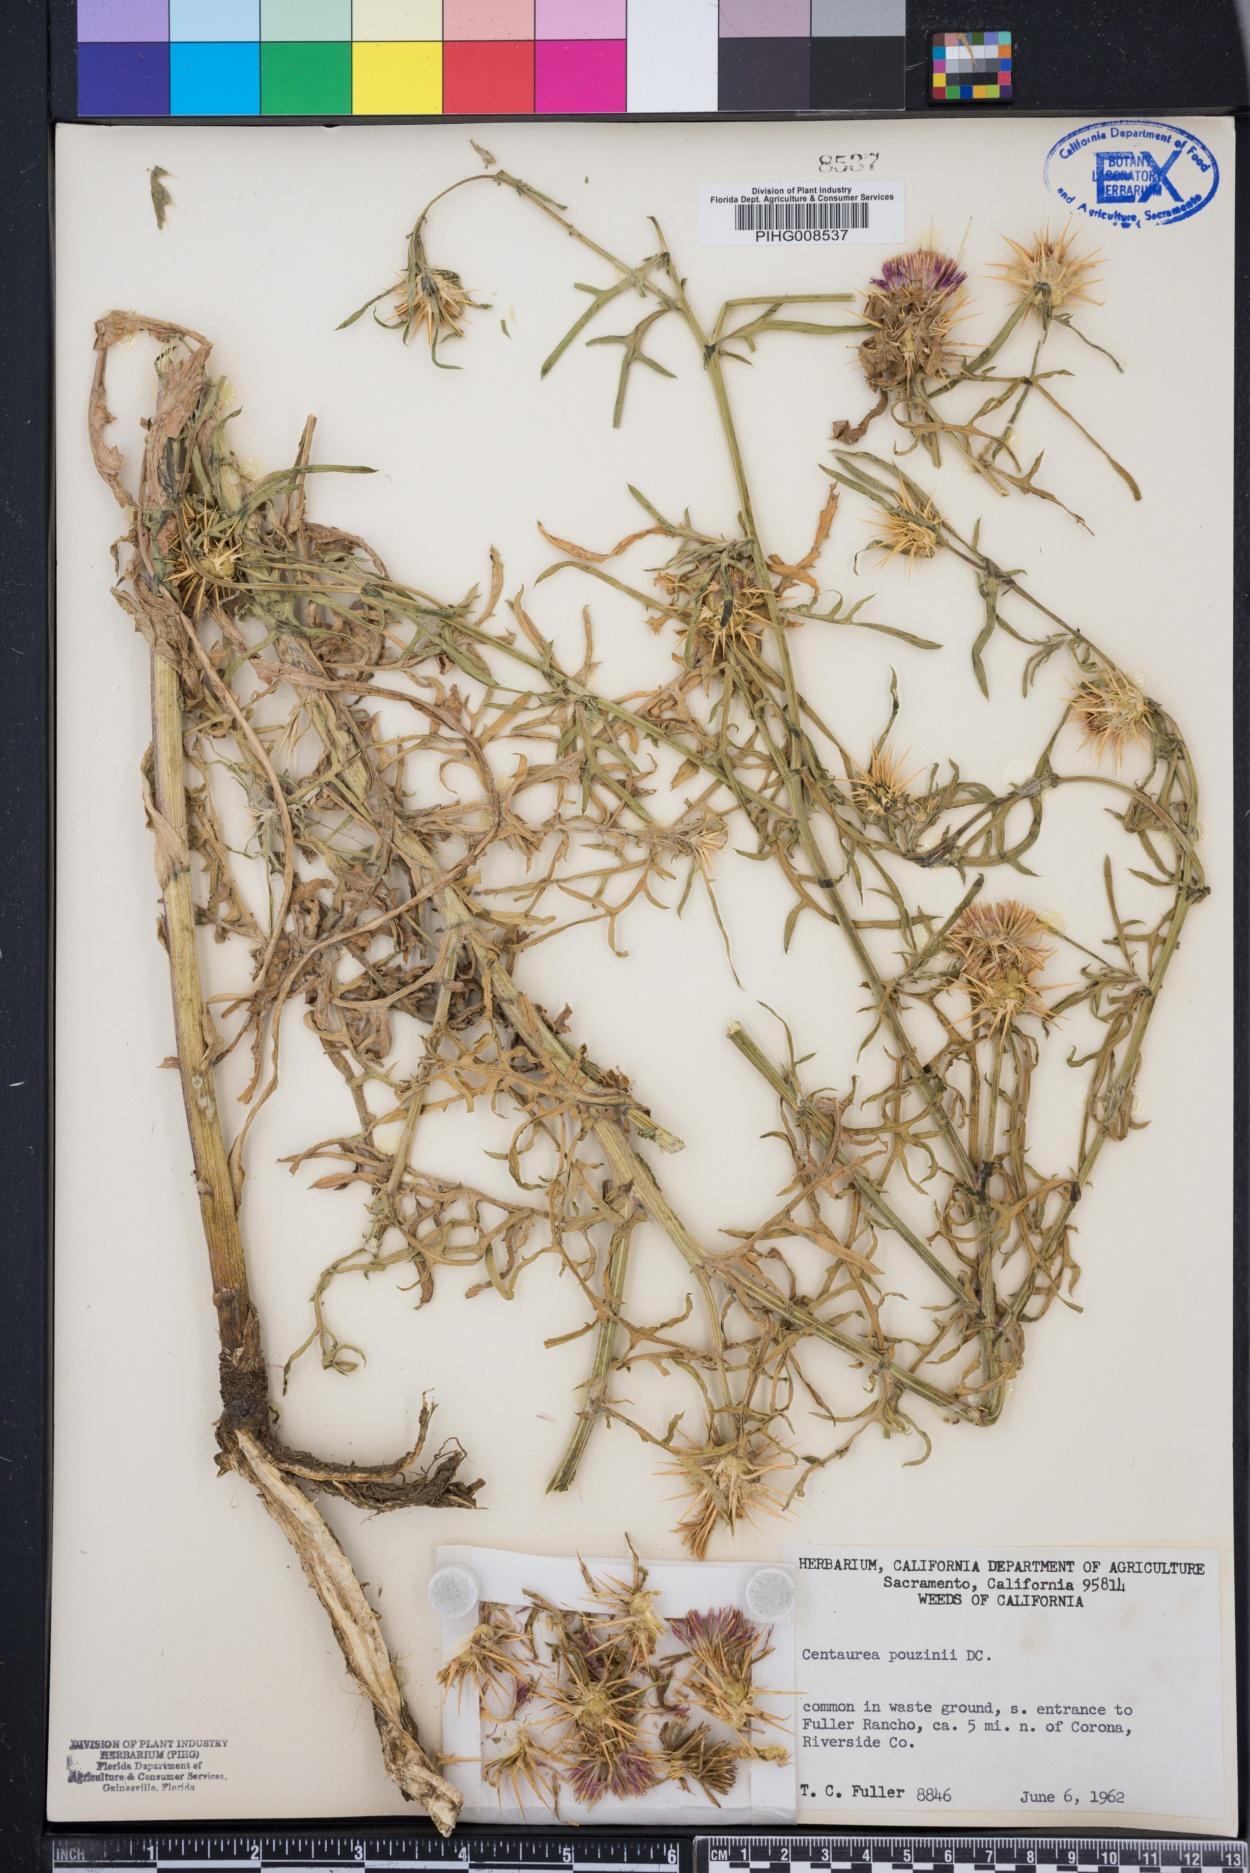 Centaurea x pouzinii image